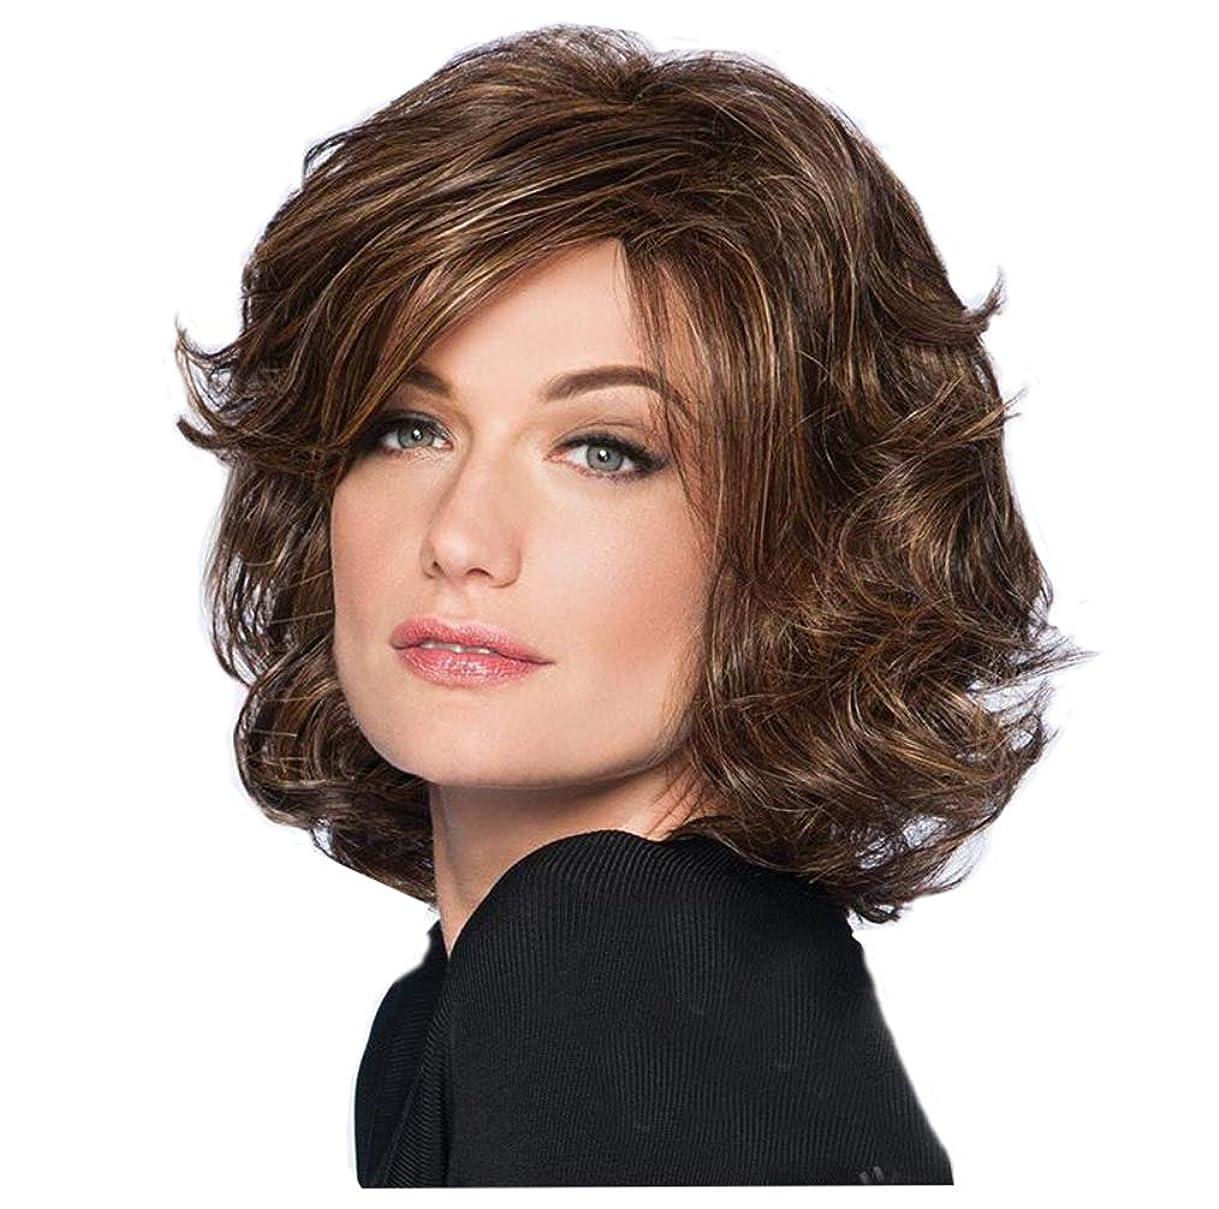 ペインギリックがっかりする男やもめウィッグレディースショートカーリー波状の高品質耐熱ゴールデンブラウン合成人間の髪の毛のかつらとして